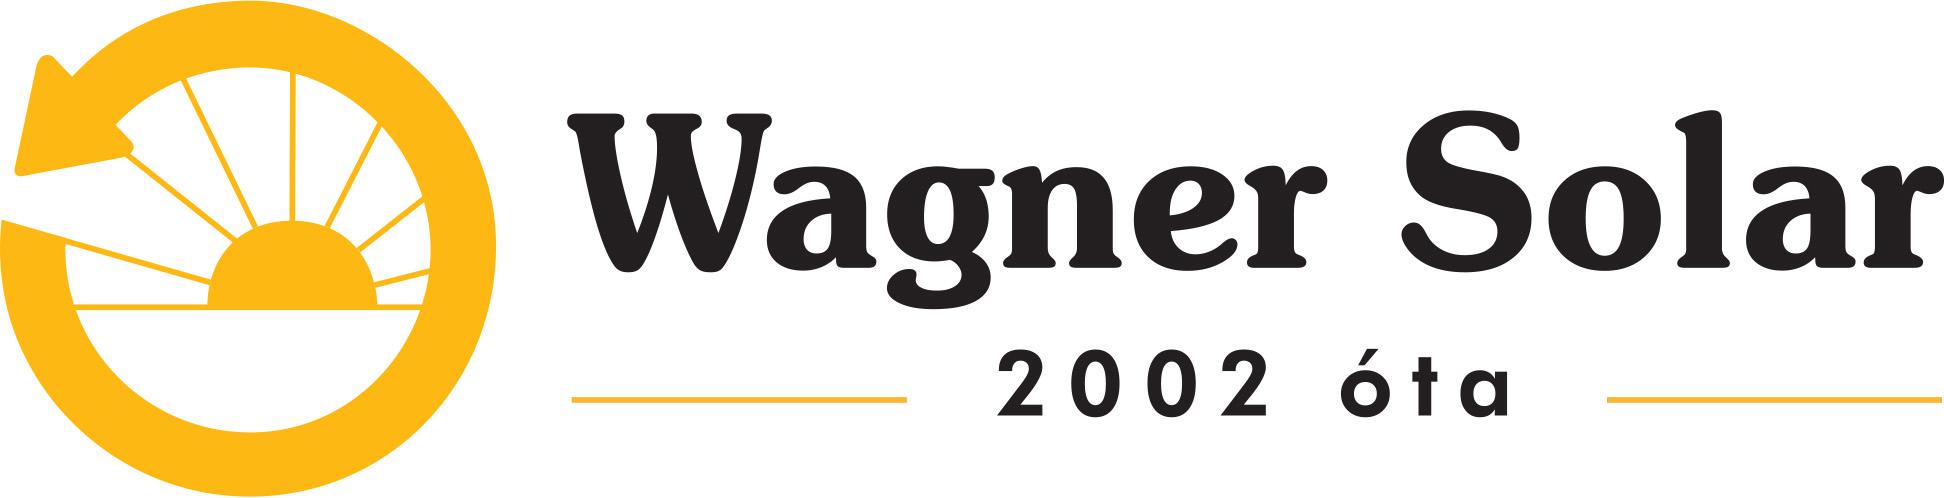 ws_logo_2020_fekvo.jpg